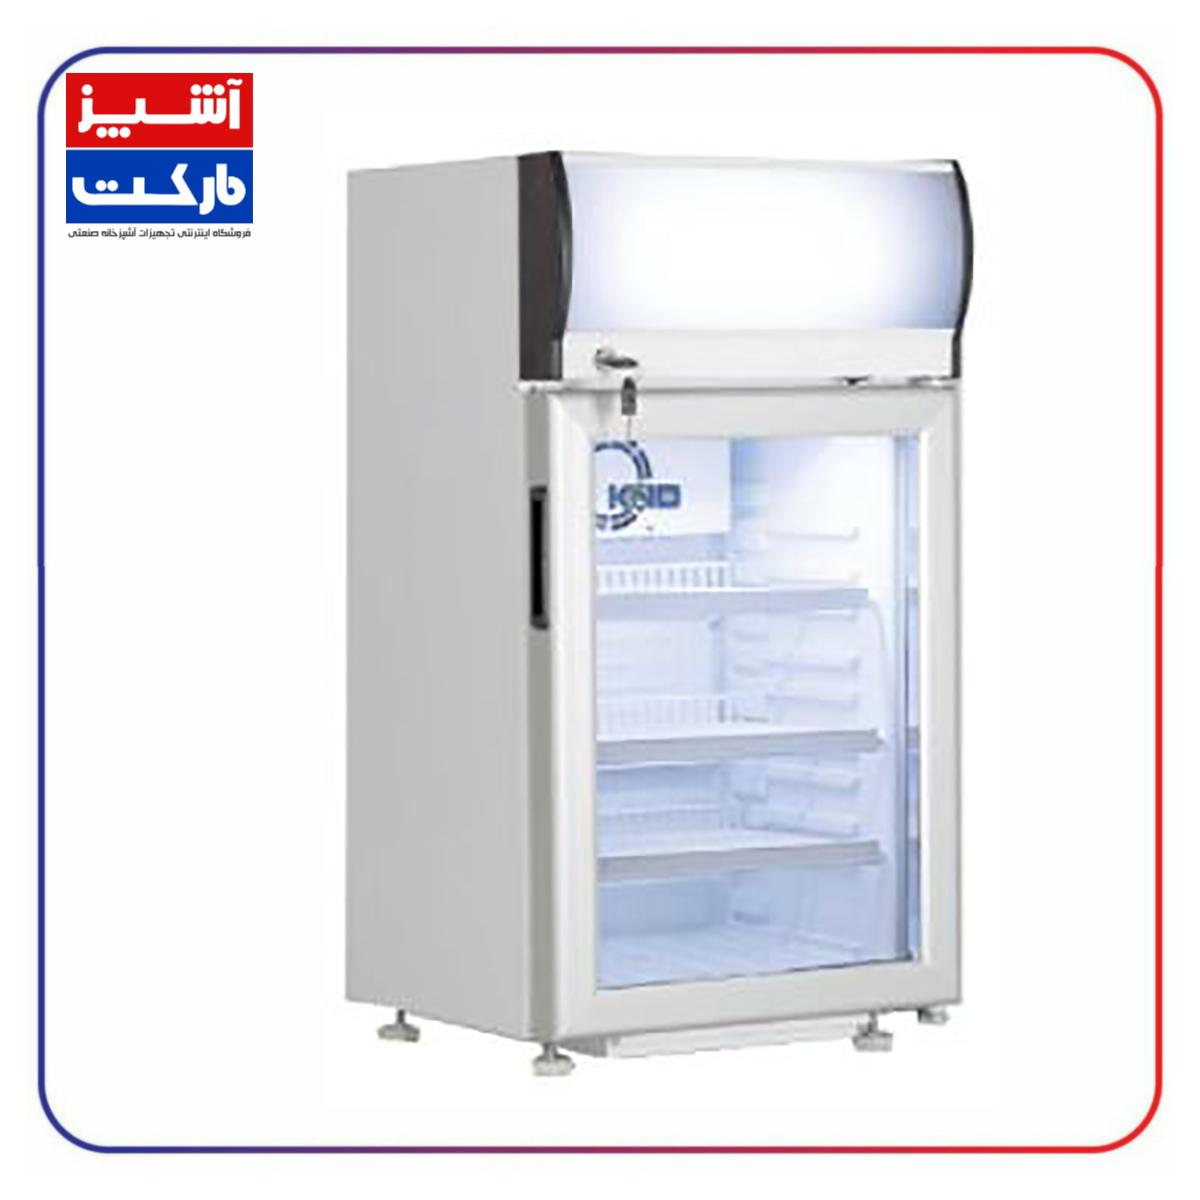 یخچال فروشگاهی کینو مینی KINO KR 400